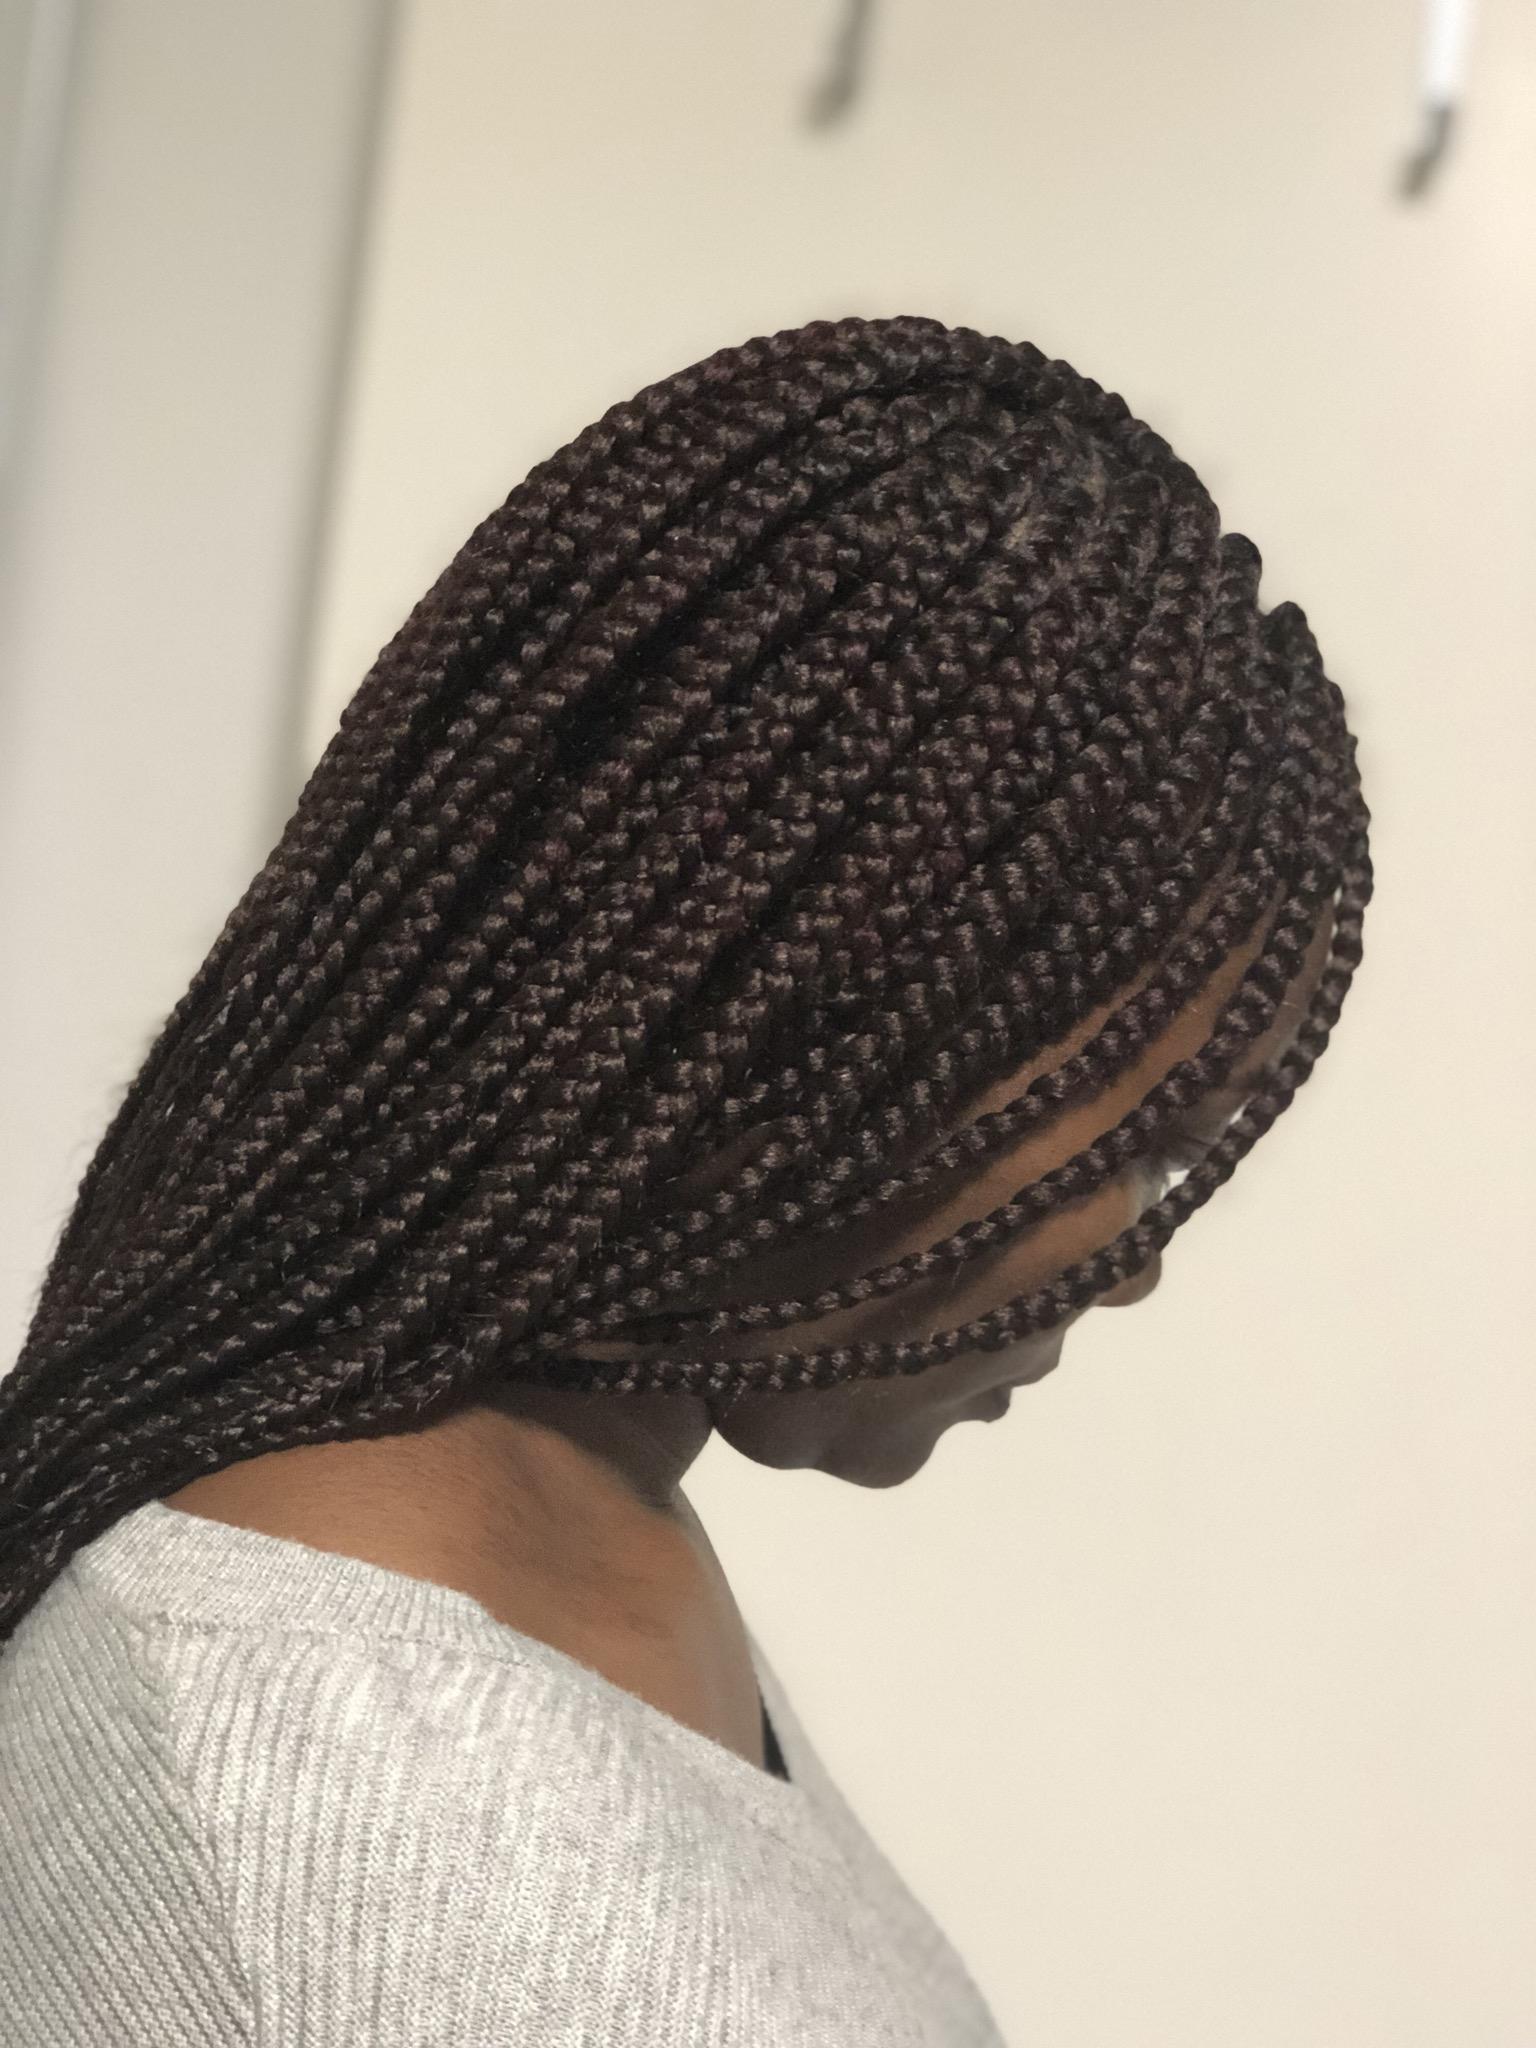 salon de coiffure afro tresse tresses box braids crochet braids vanilles tissages paris 75 77 78 91 92 93 94 95 XSUTVGYM